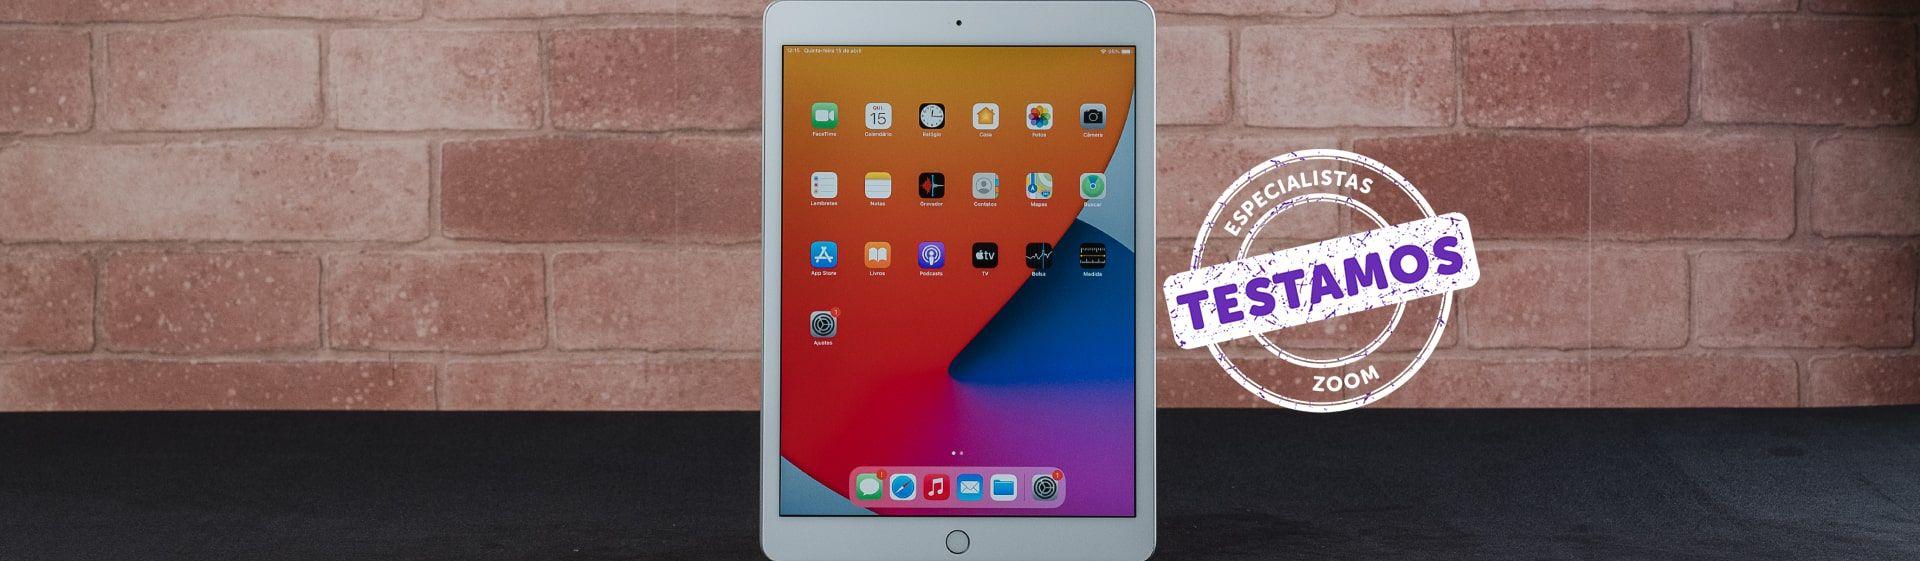 """iPad 8ª geração: tablet """"barato"""" da Apple tem bom desempenho"""